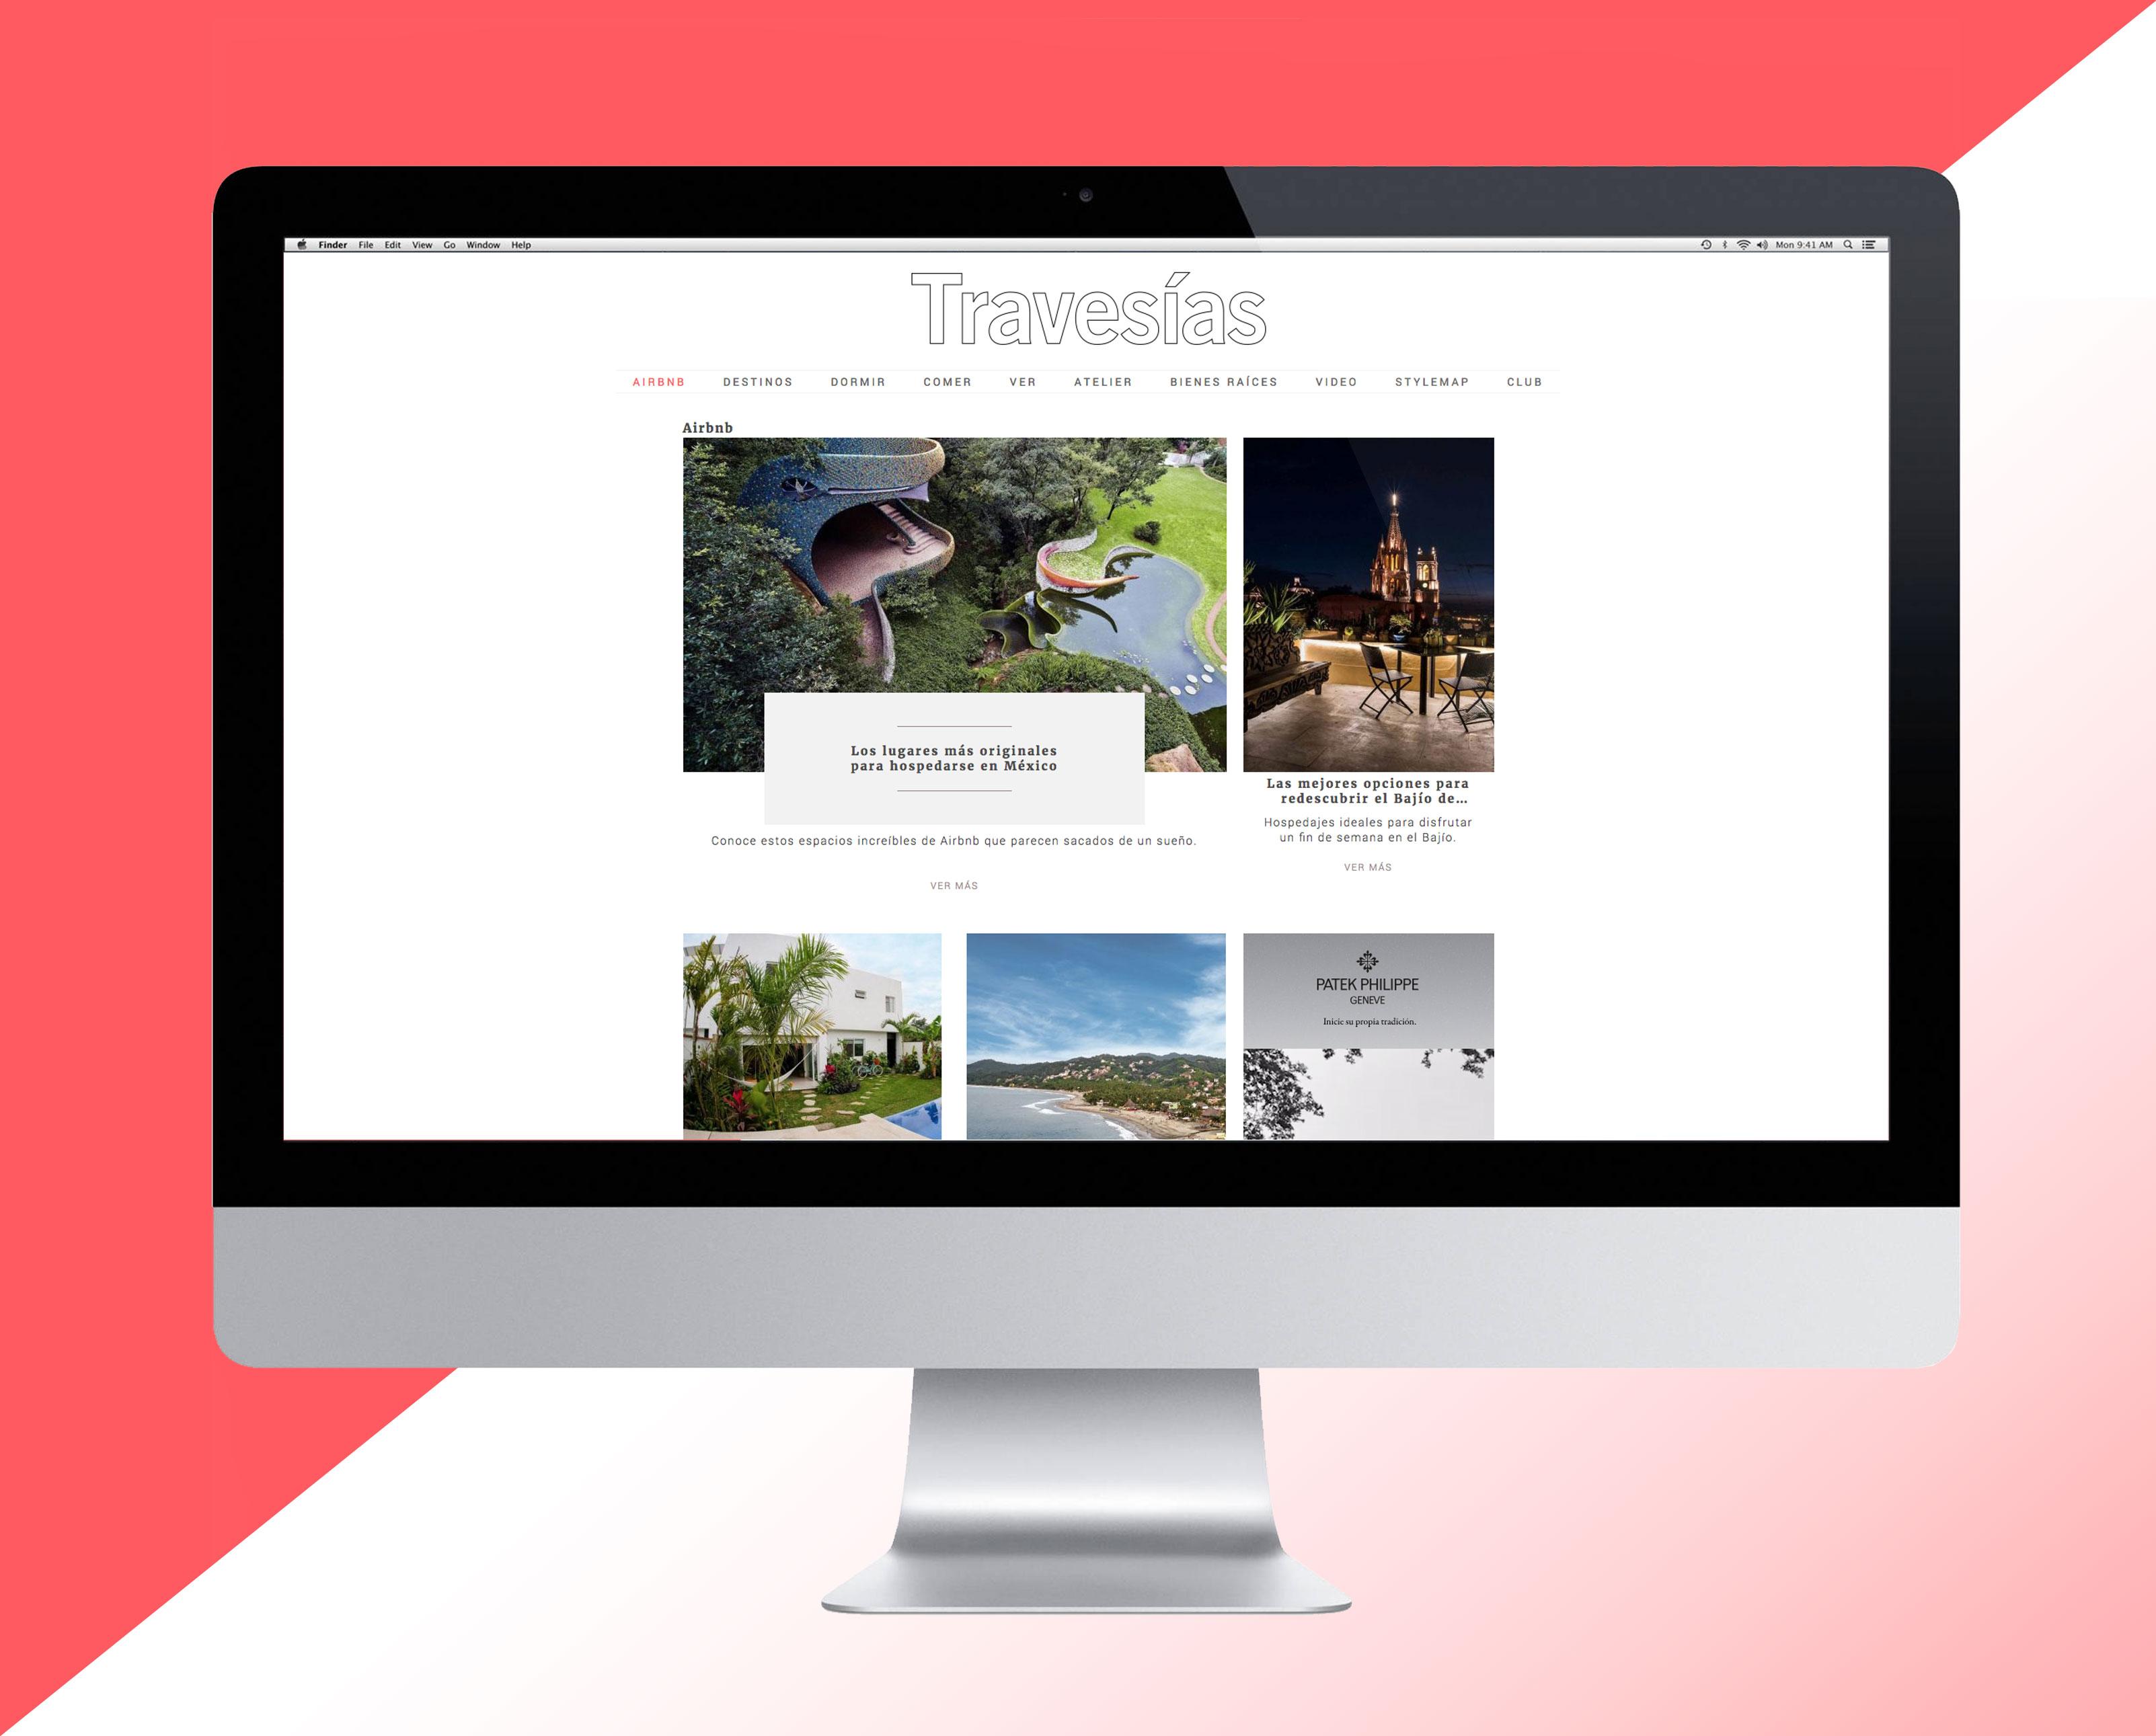 airbnb-caso-de-exito-micrositio